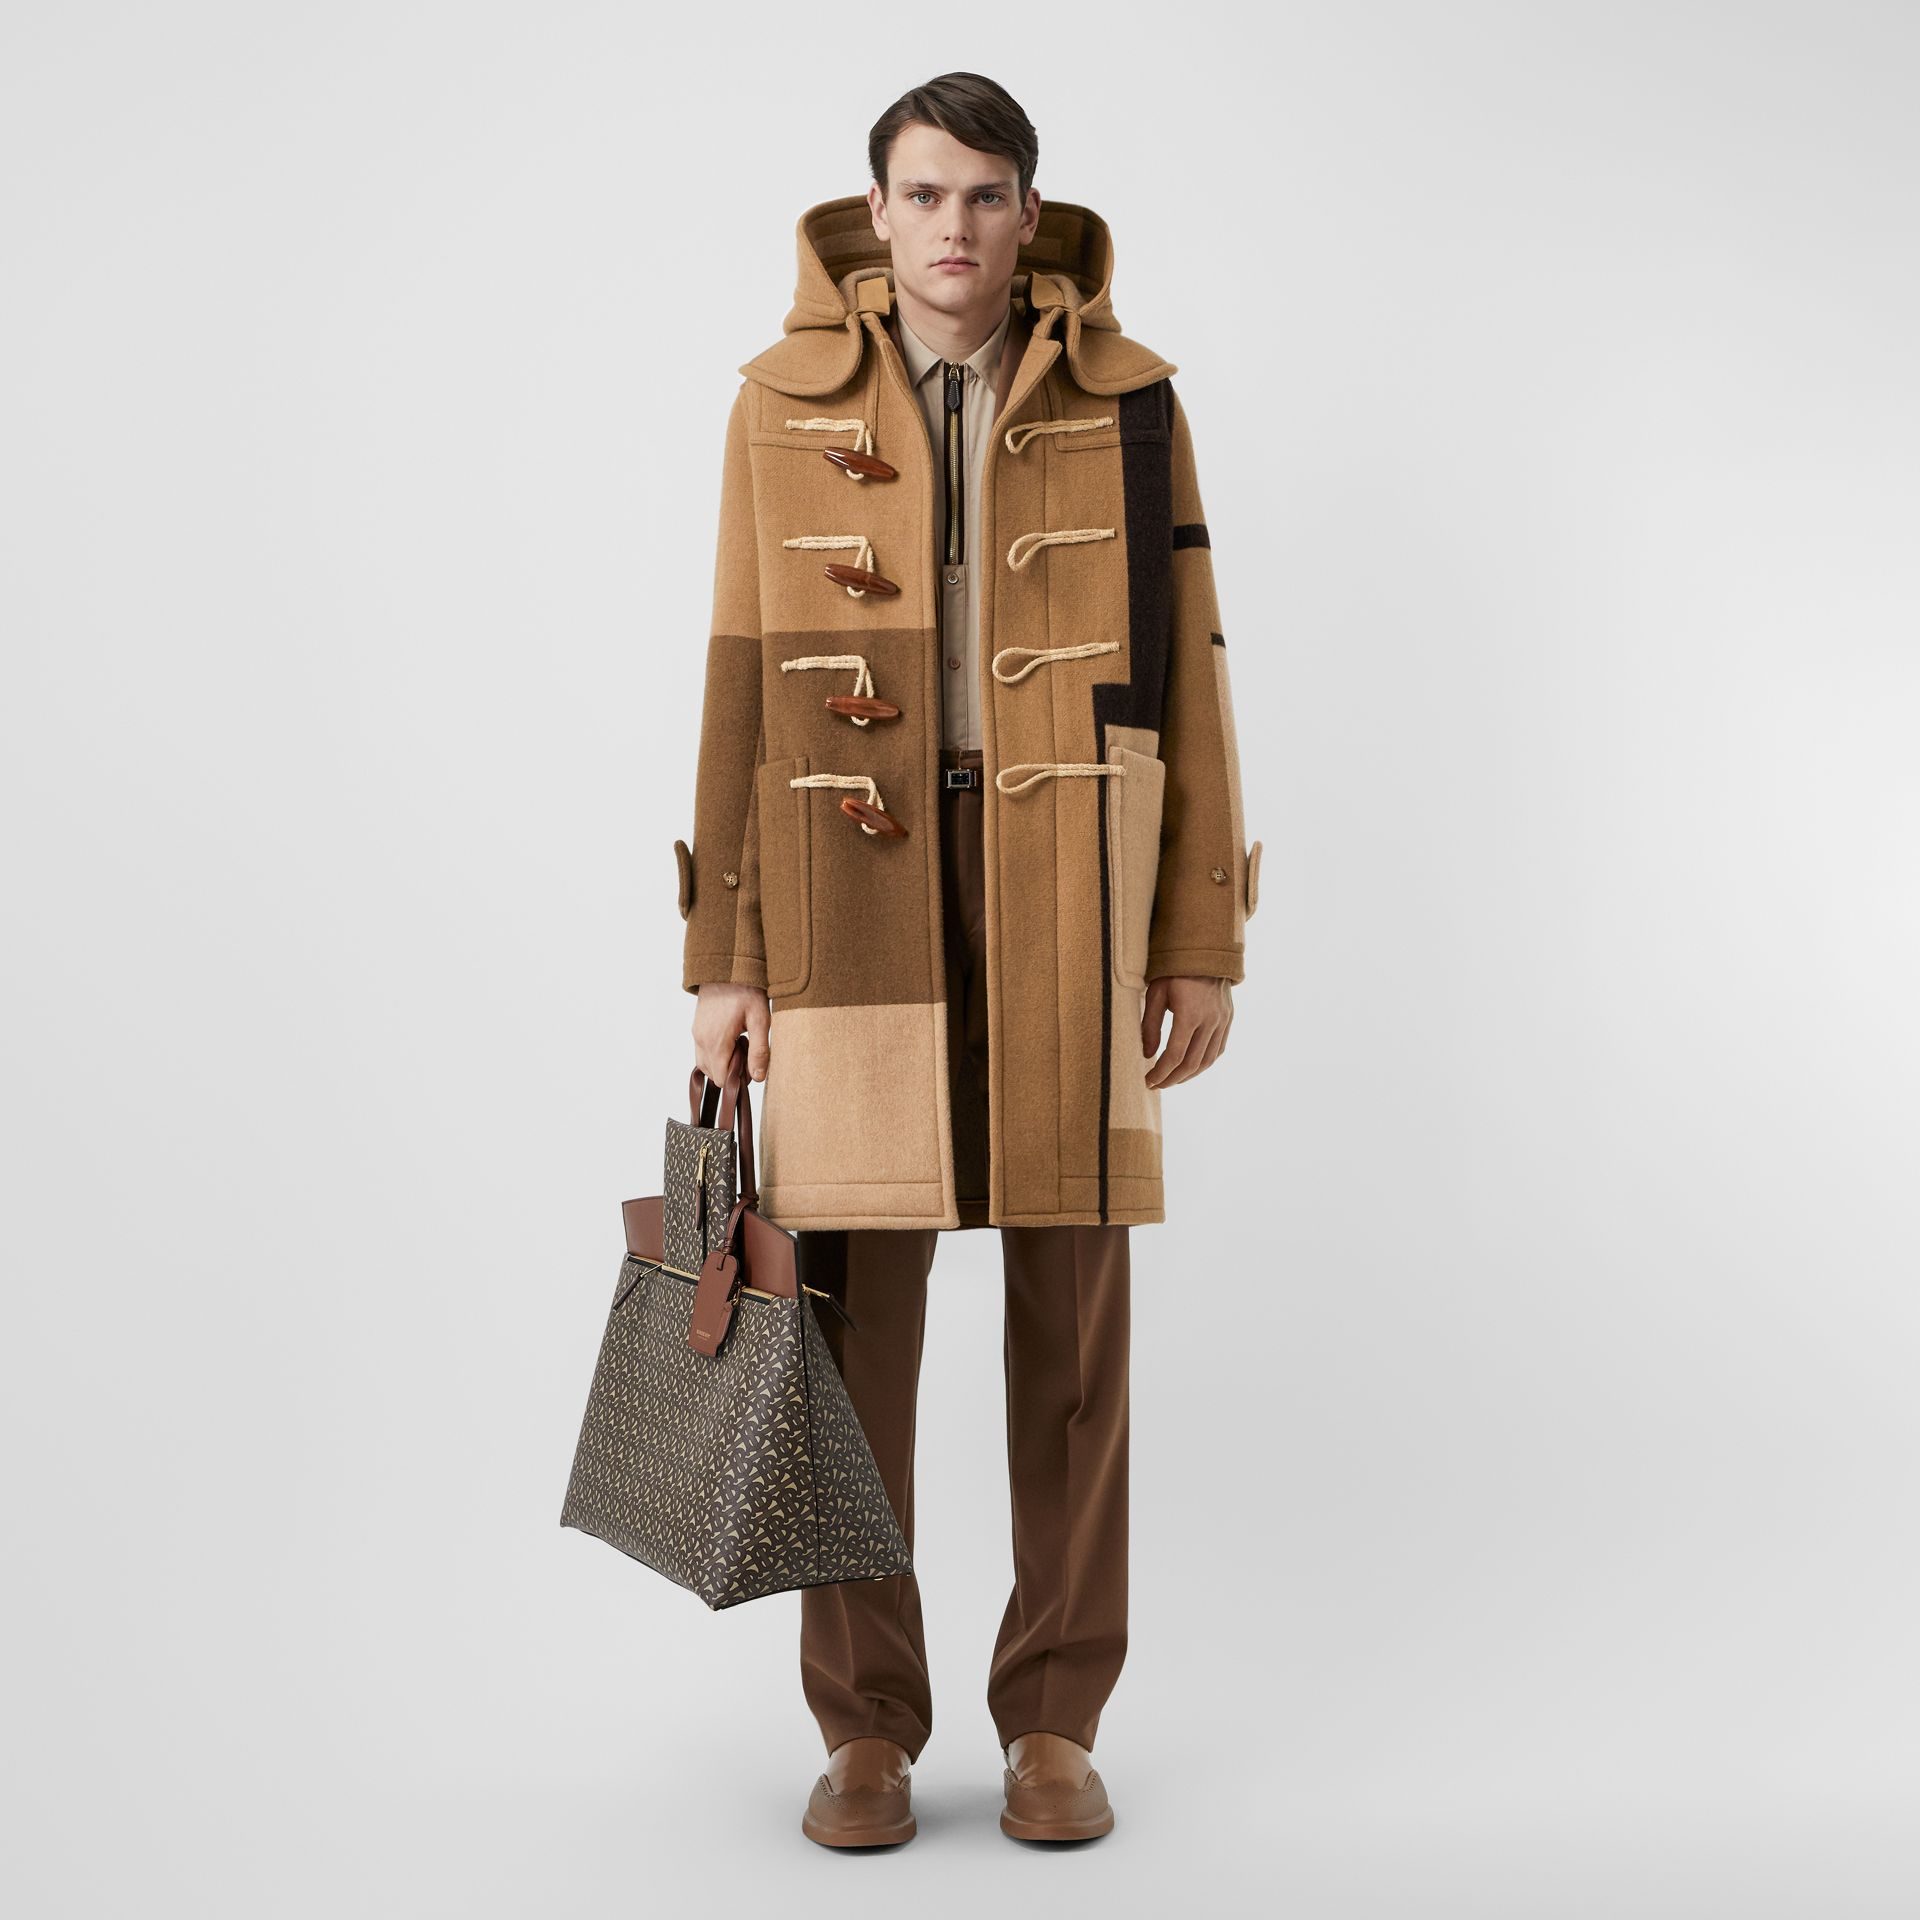 패널 울 더플 코트 (웜 카멜) - 남성 | Burberry - 갤러리 이미지 0